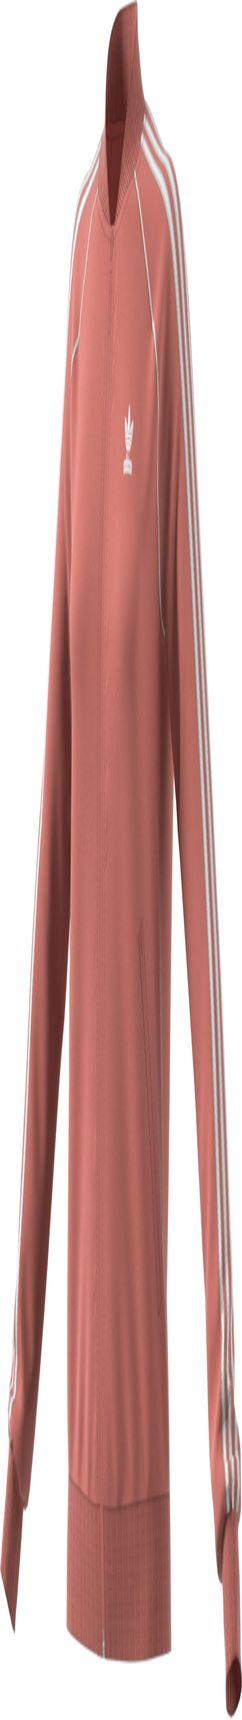 Куртка тренировочная женская на молнии SST TT, розовая фото